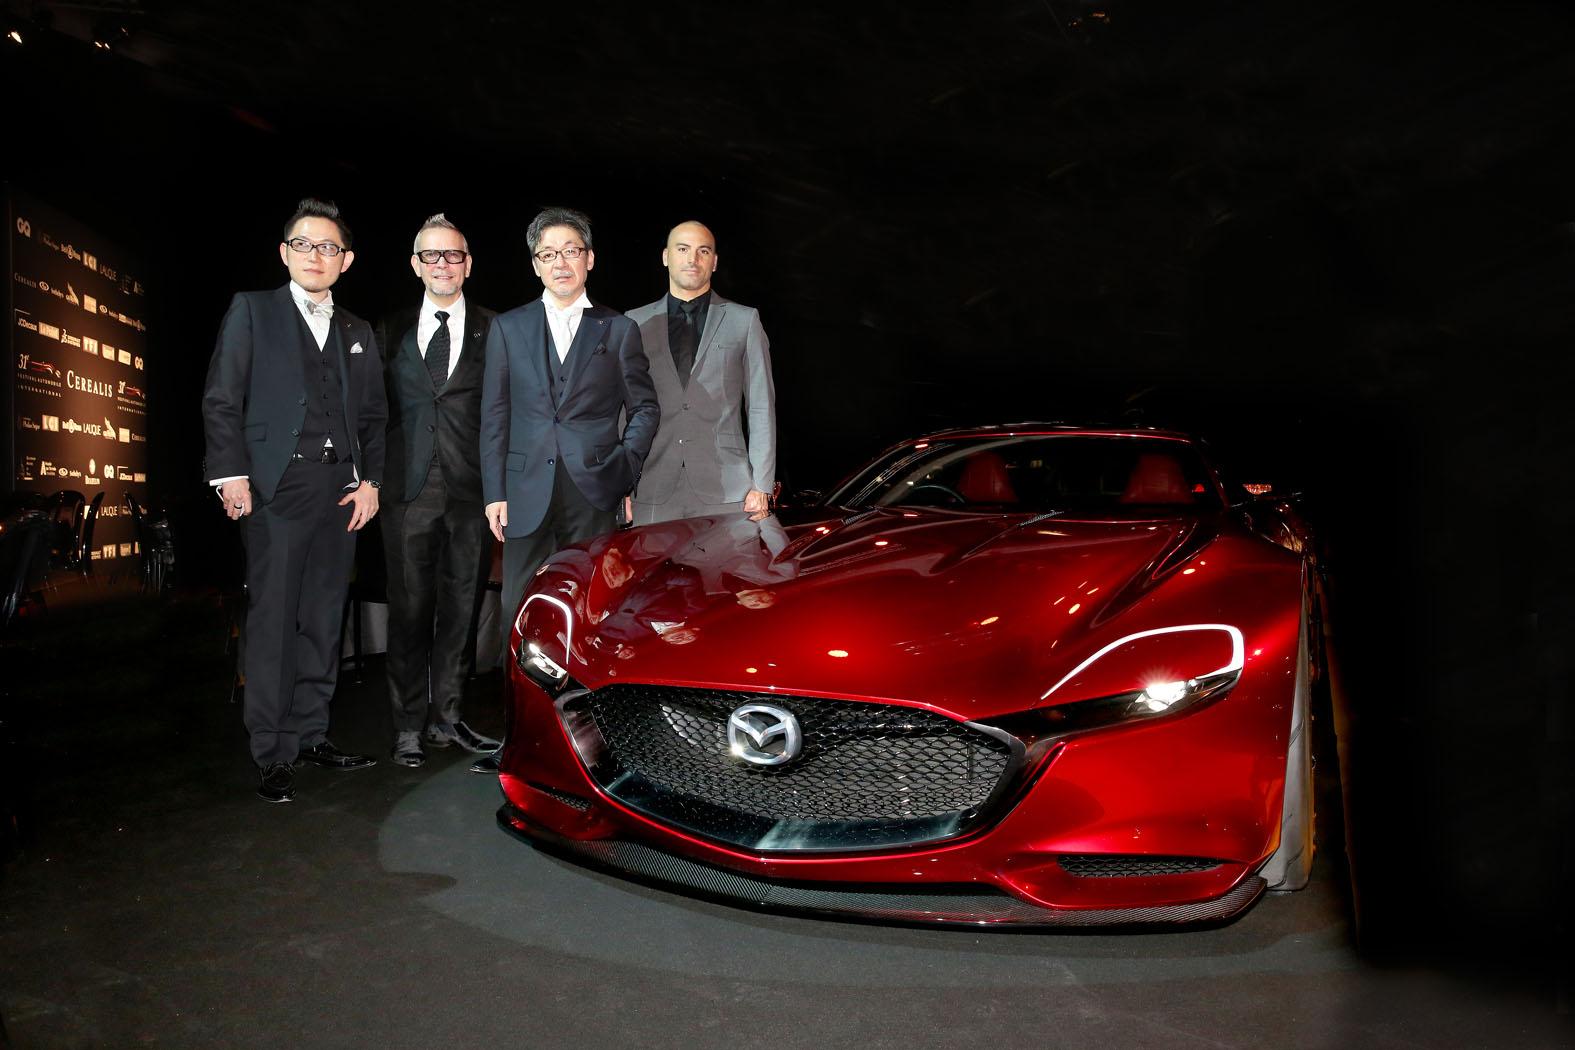 「Mazda RX-VISION」がフランスで最も美しいコンセプトカーに選出